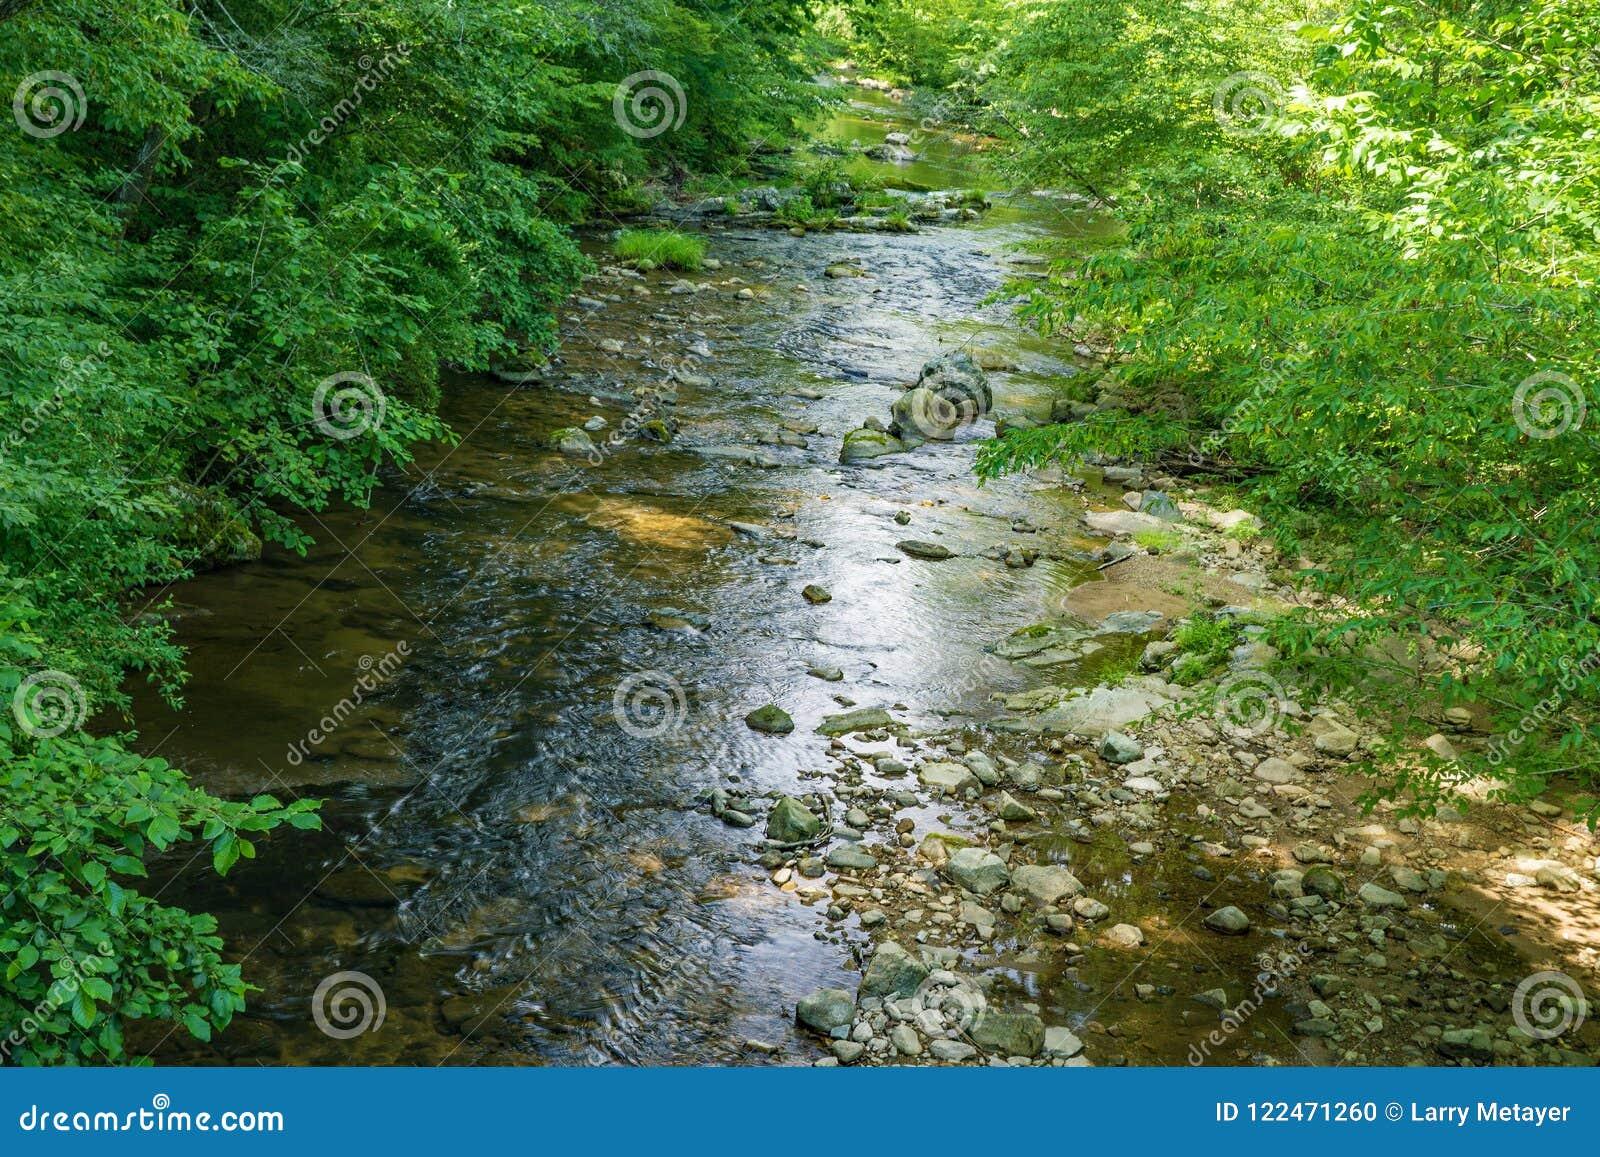 Wild Mountain Trout Stream